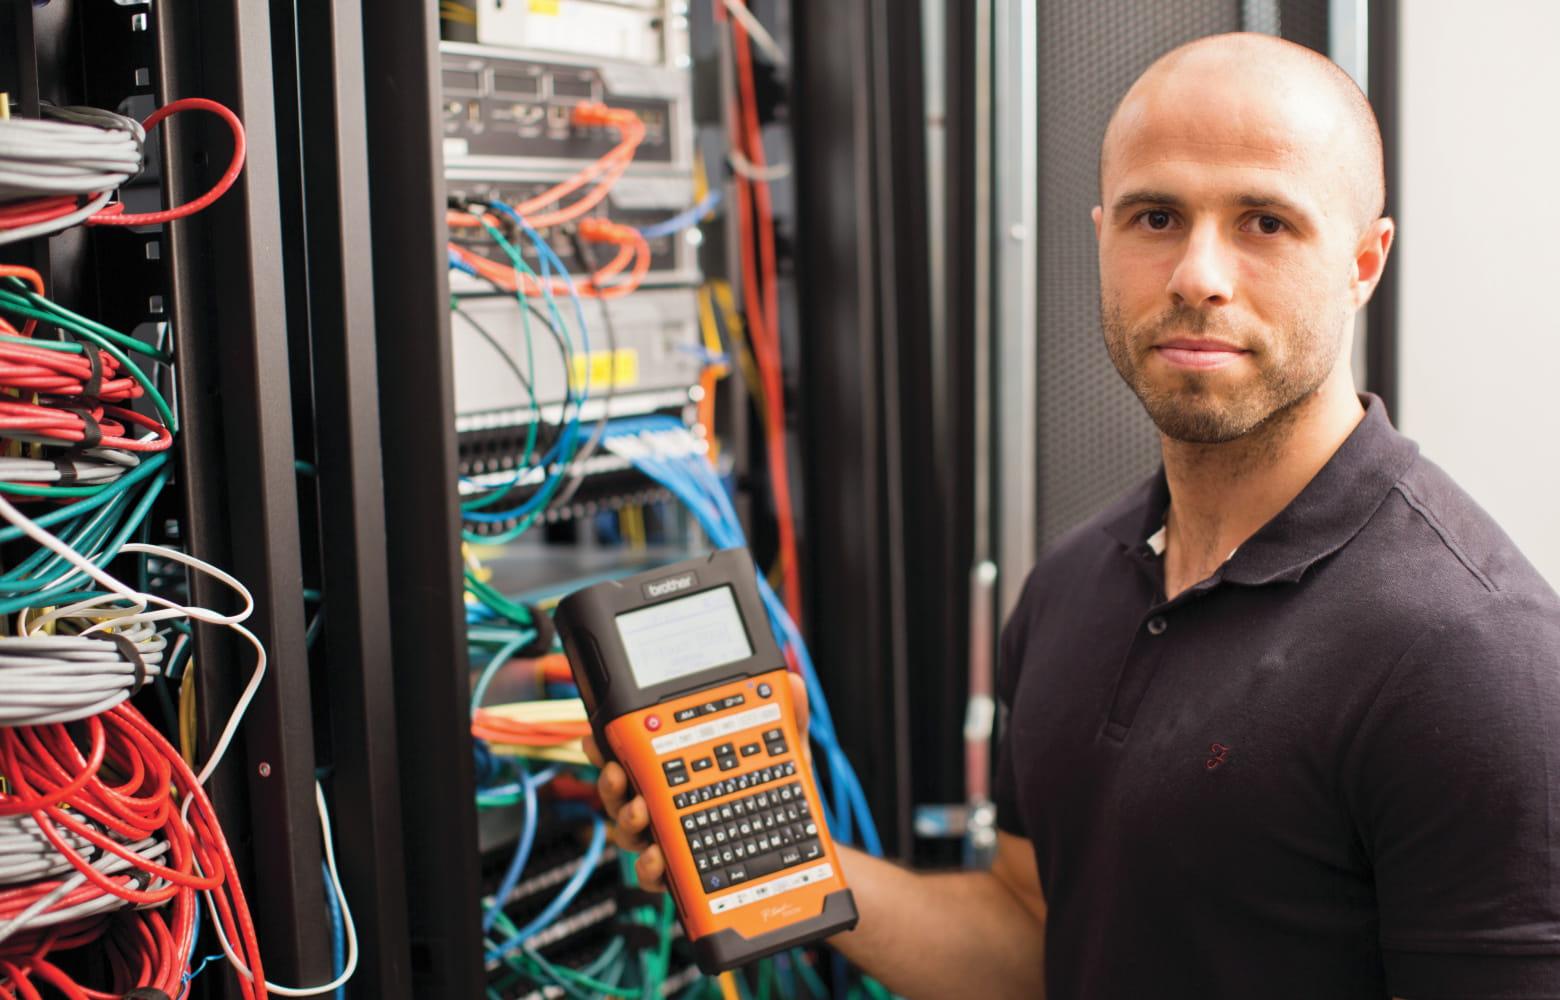 En EL-installatør står foran et EL-skap med mange kabler og holder i en Brother P-touch merkemaskin for håndverkere